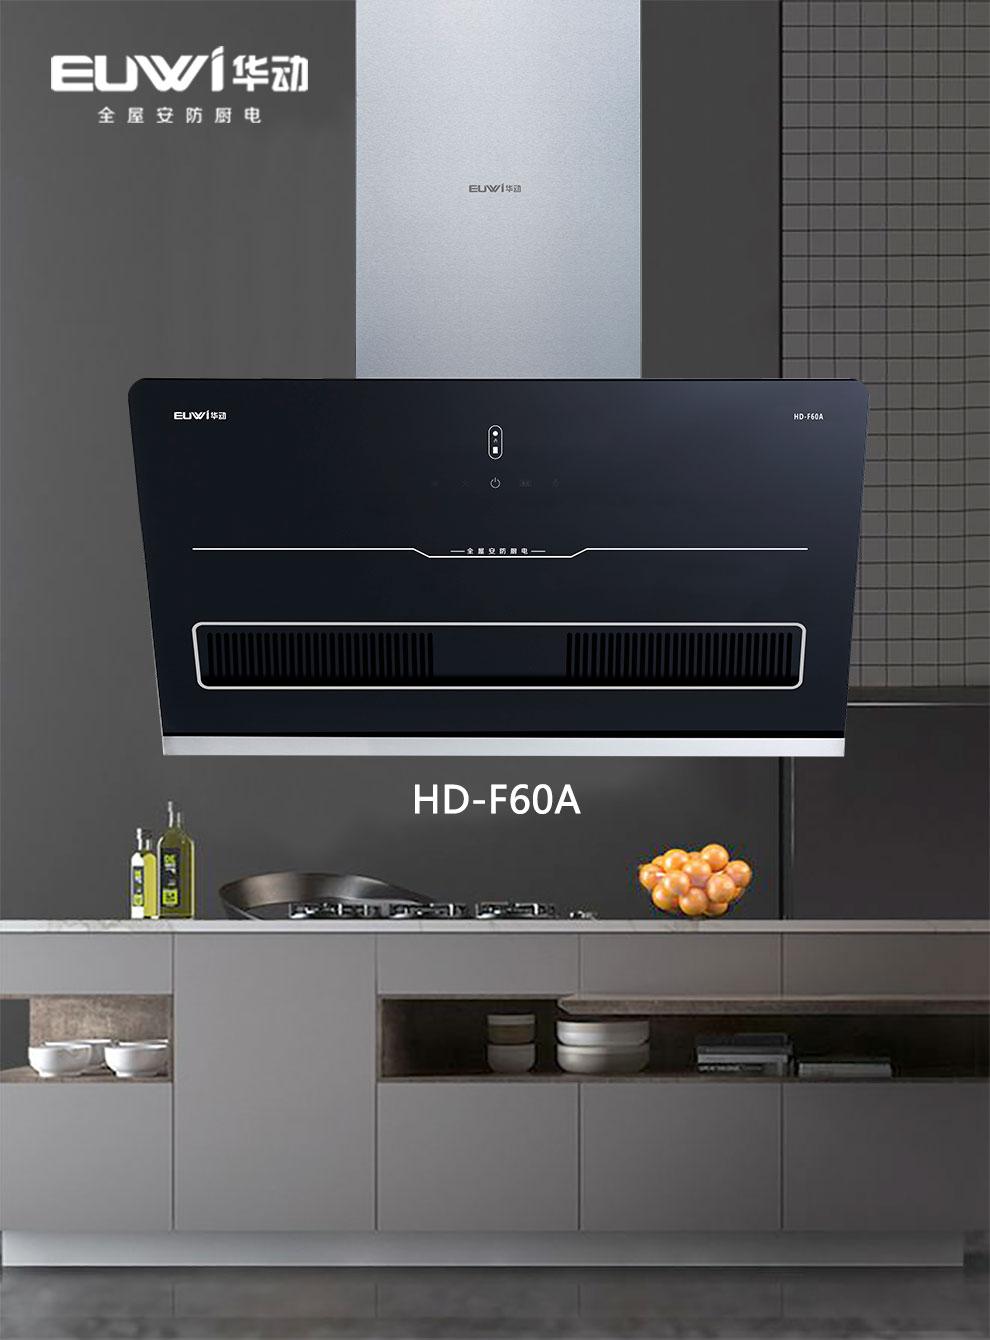 新品季|华动新品HD-F60A全屋安防吸油烟机震撼上市,重磅来袭!